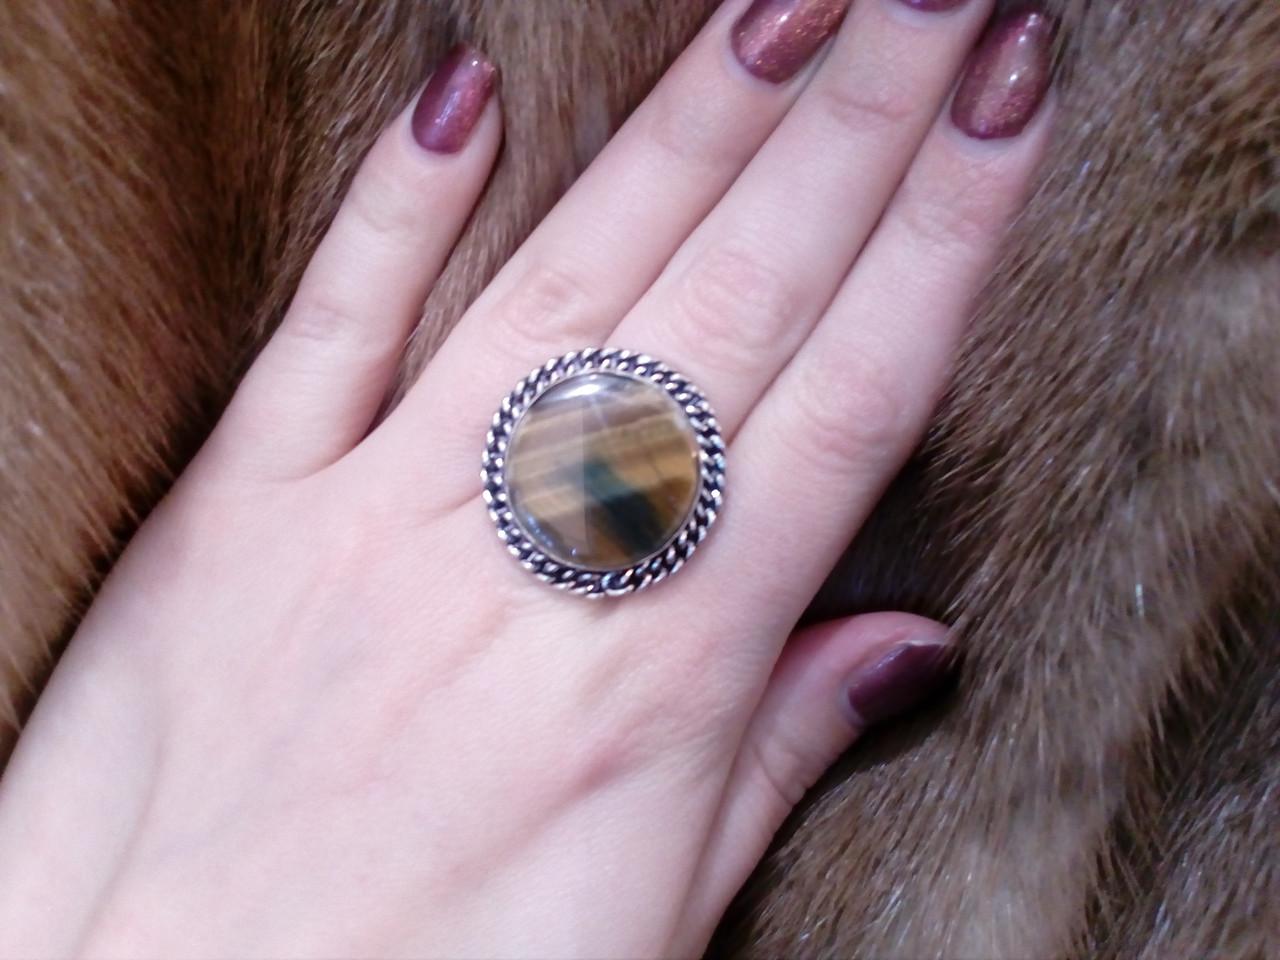 Кольцо с тигровым глазом. Кольцо с натуральным камнем тигровый глаз в серебре 17 размер Индия